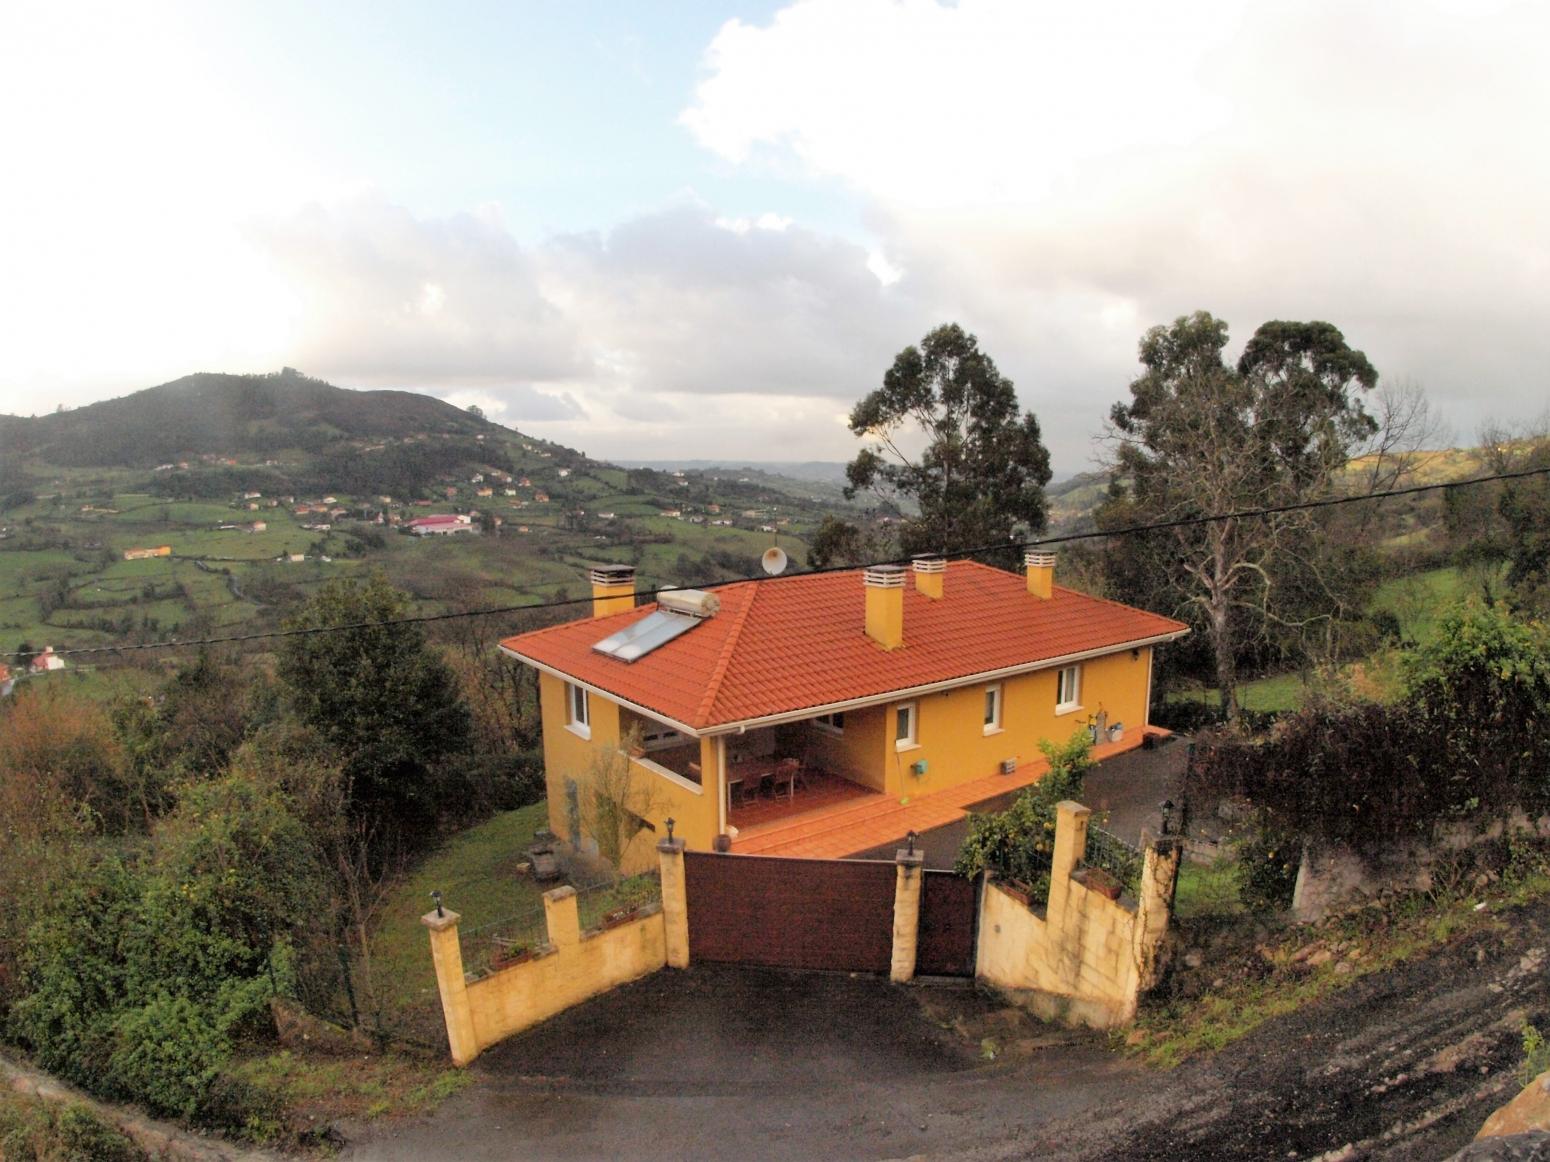 Casas o chalets en Baldornón